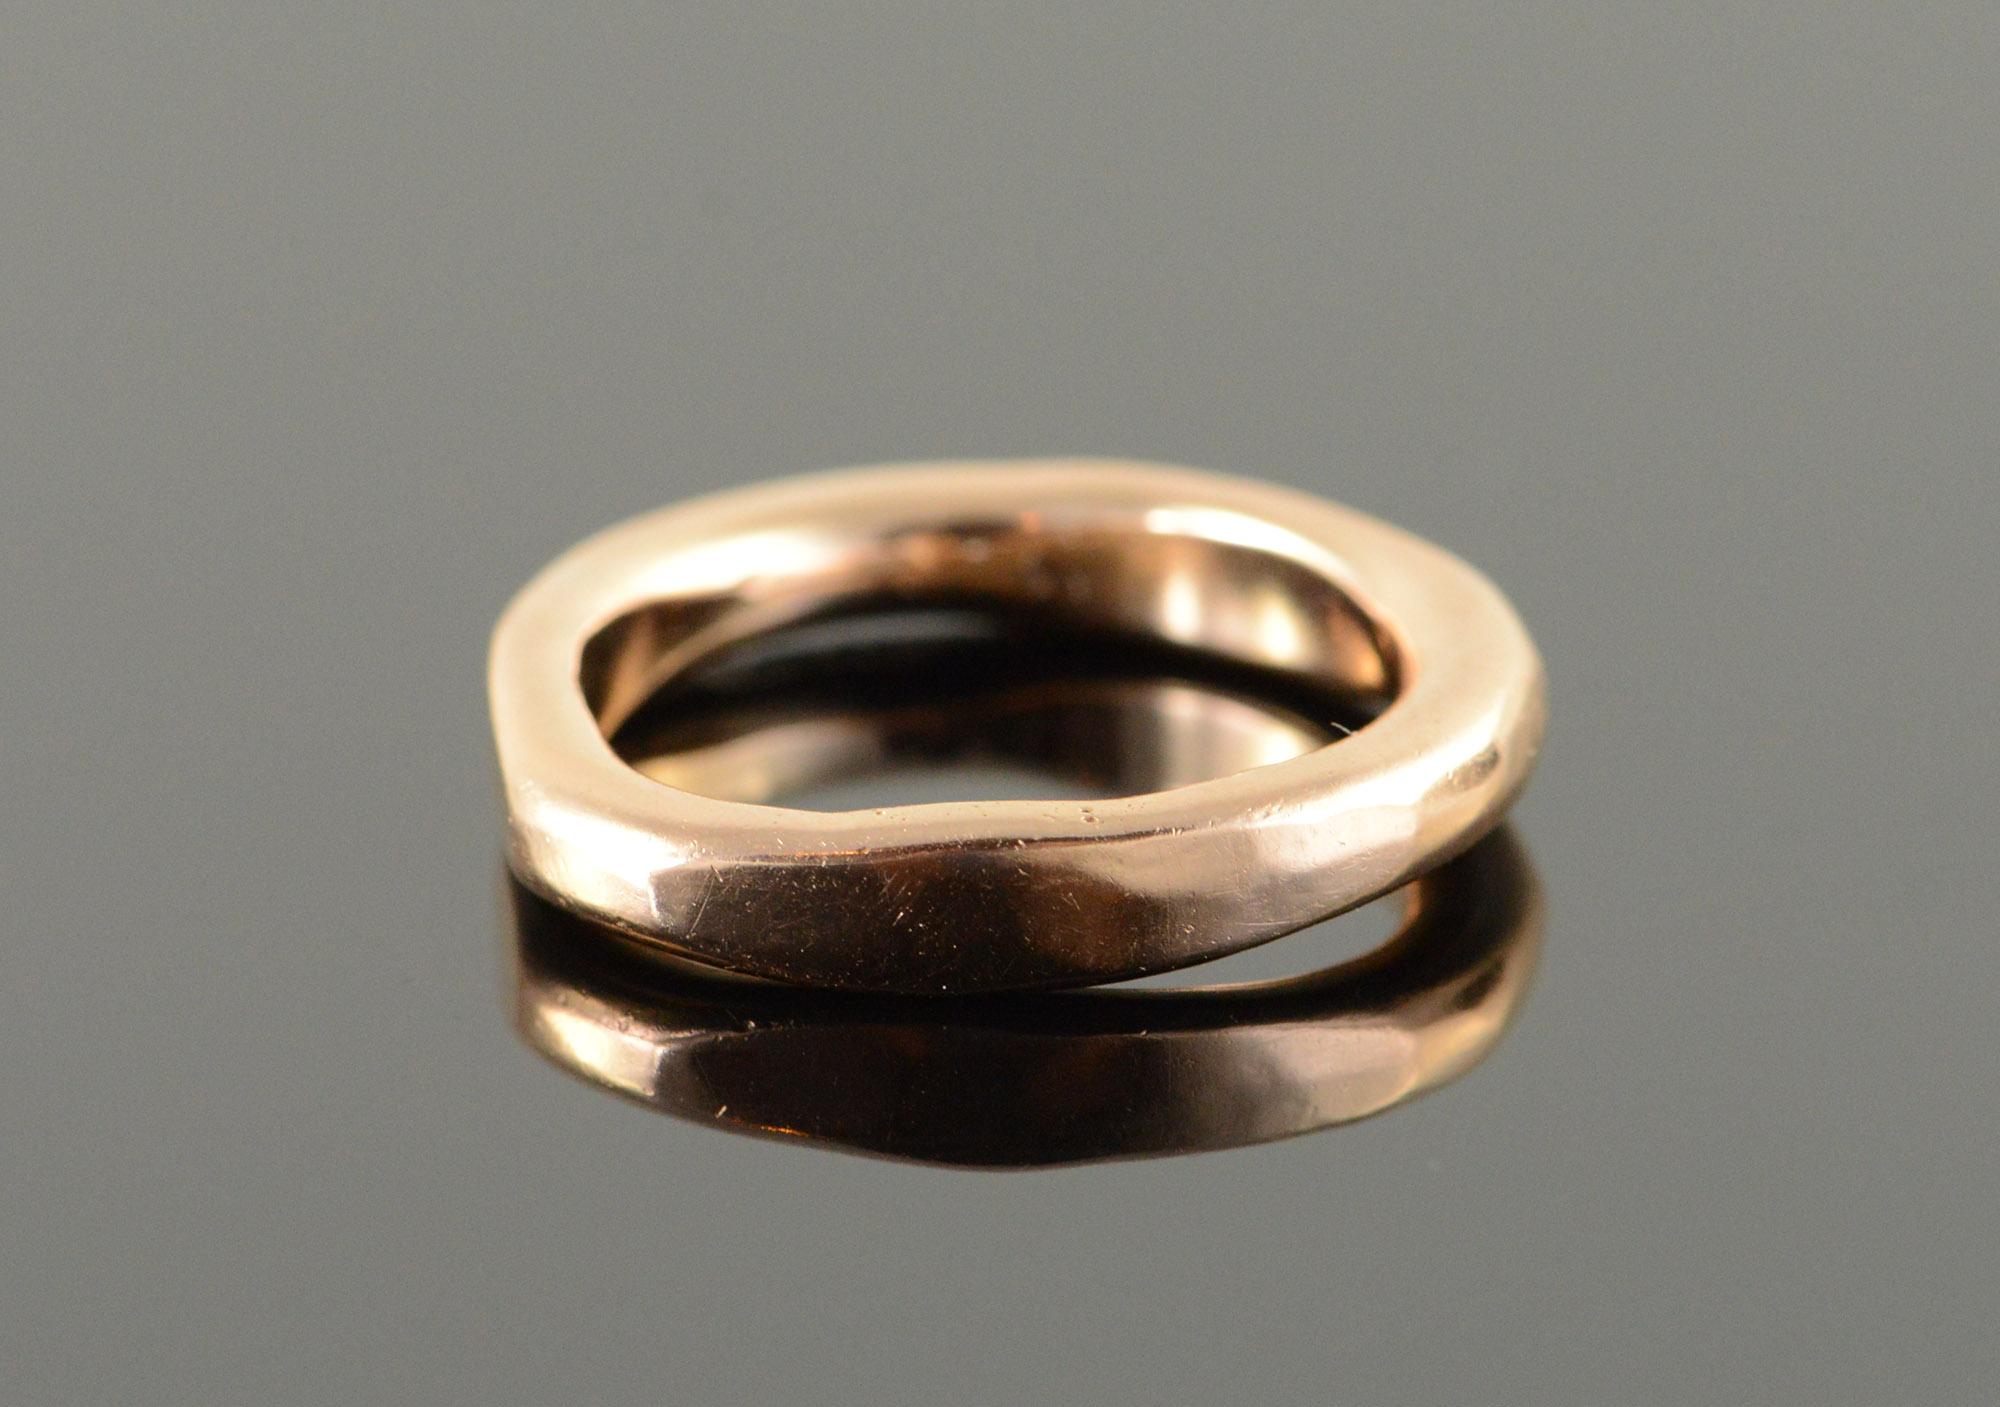 Image 1 Of 4 14k 6g Abstract Artisan Wedding Band: Artisan Wedding Rings And Bands At Websimilar.org